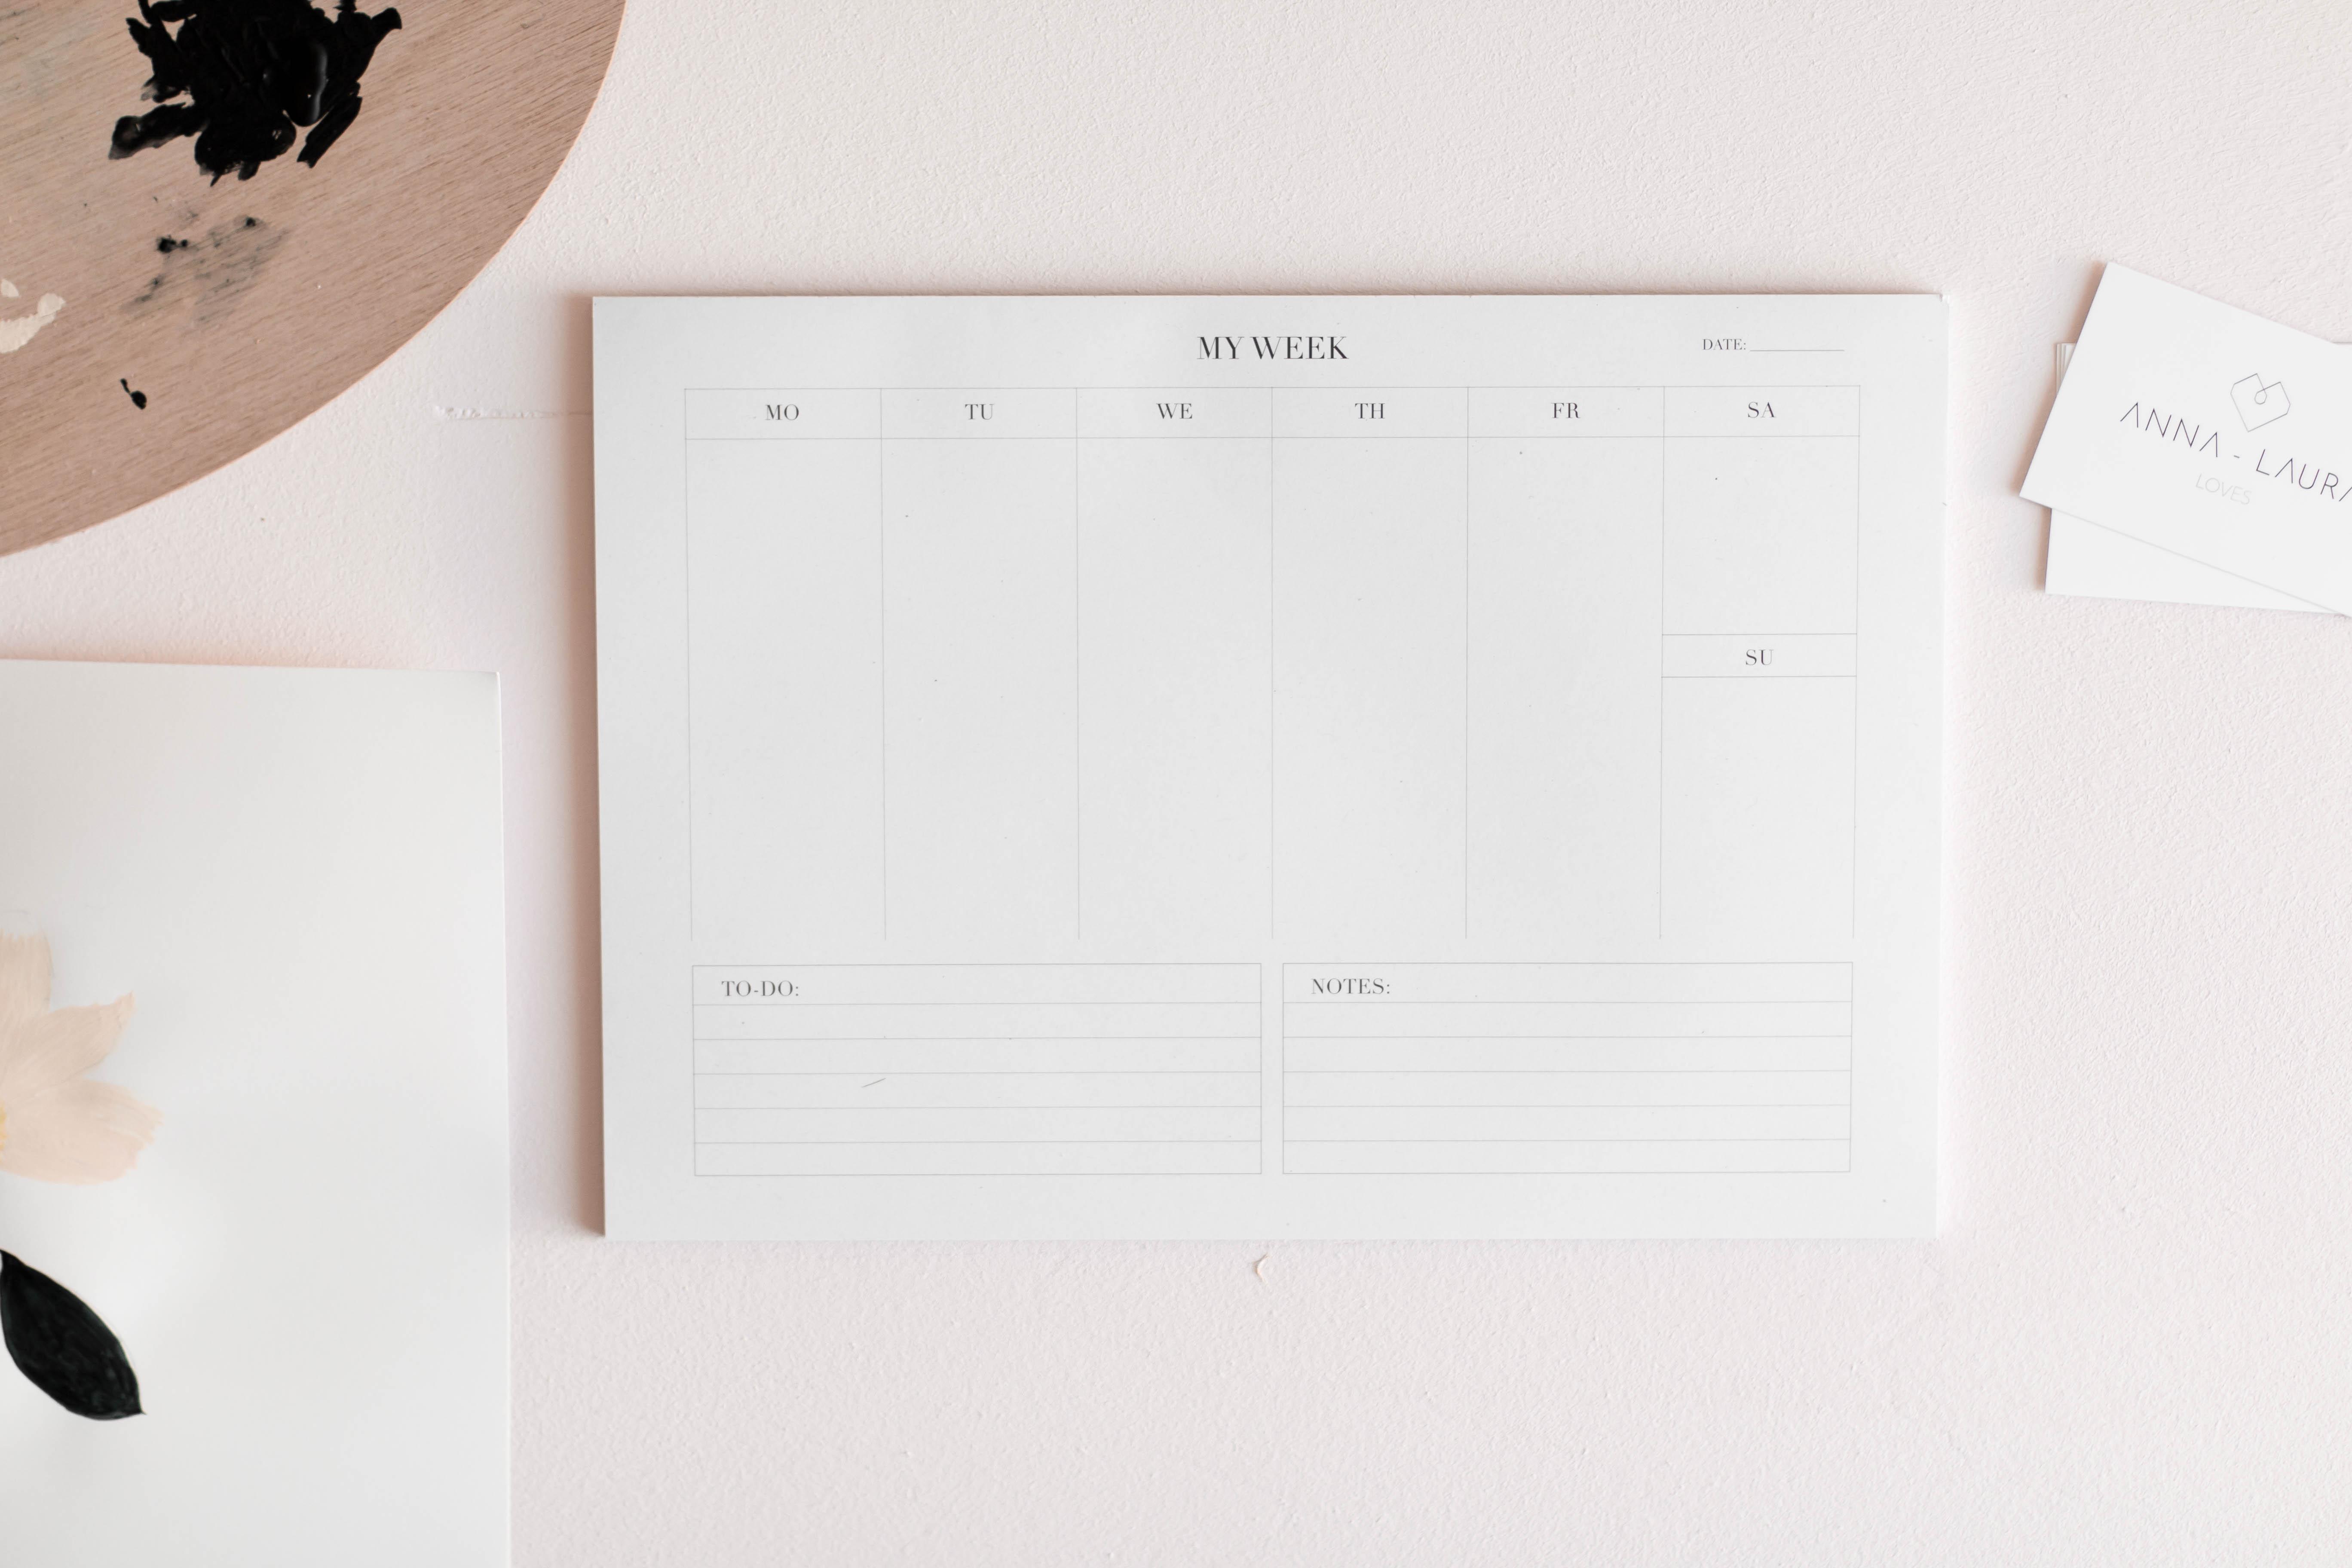 week-planner-annalaurakummer-4